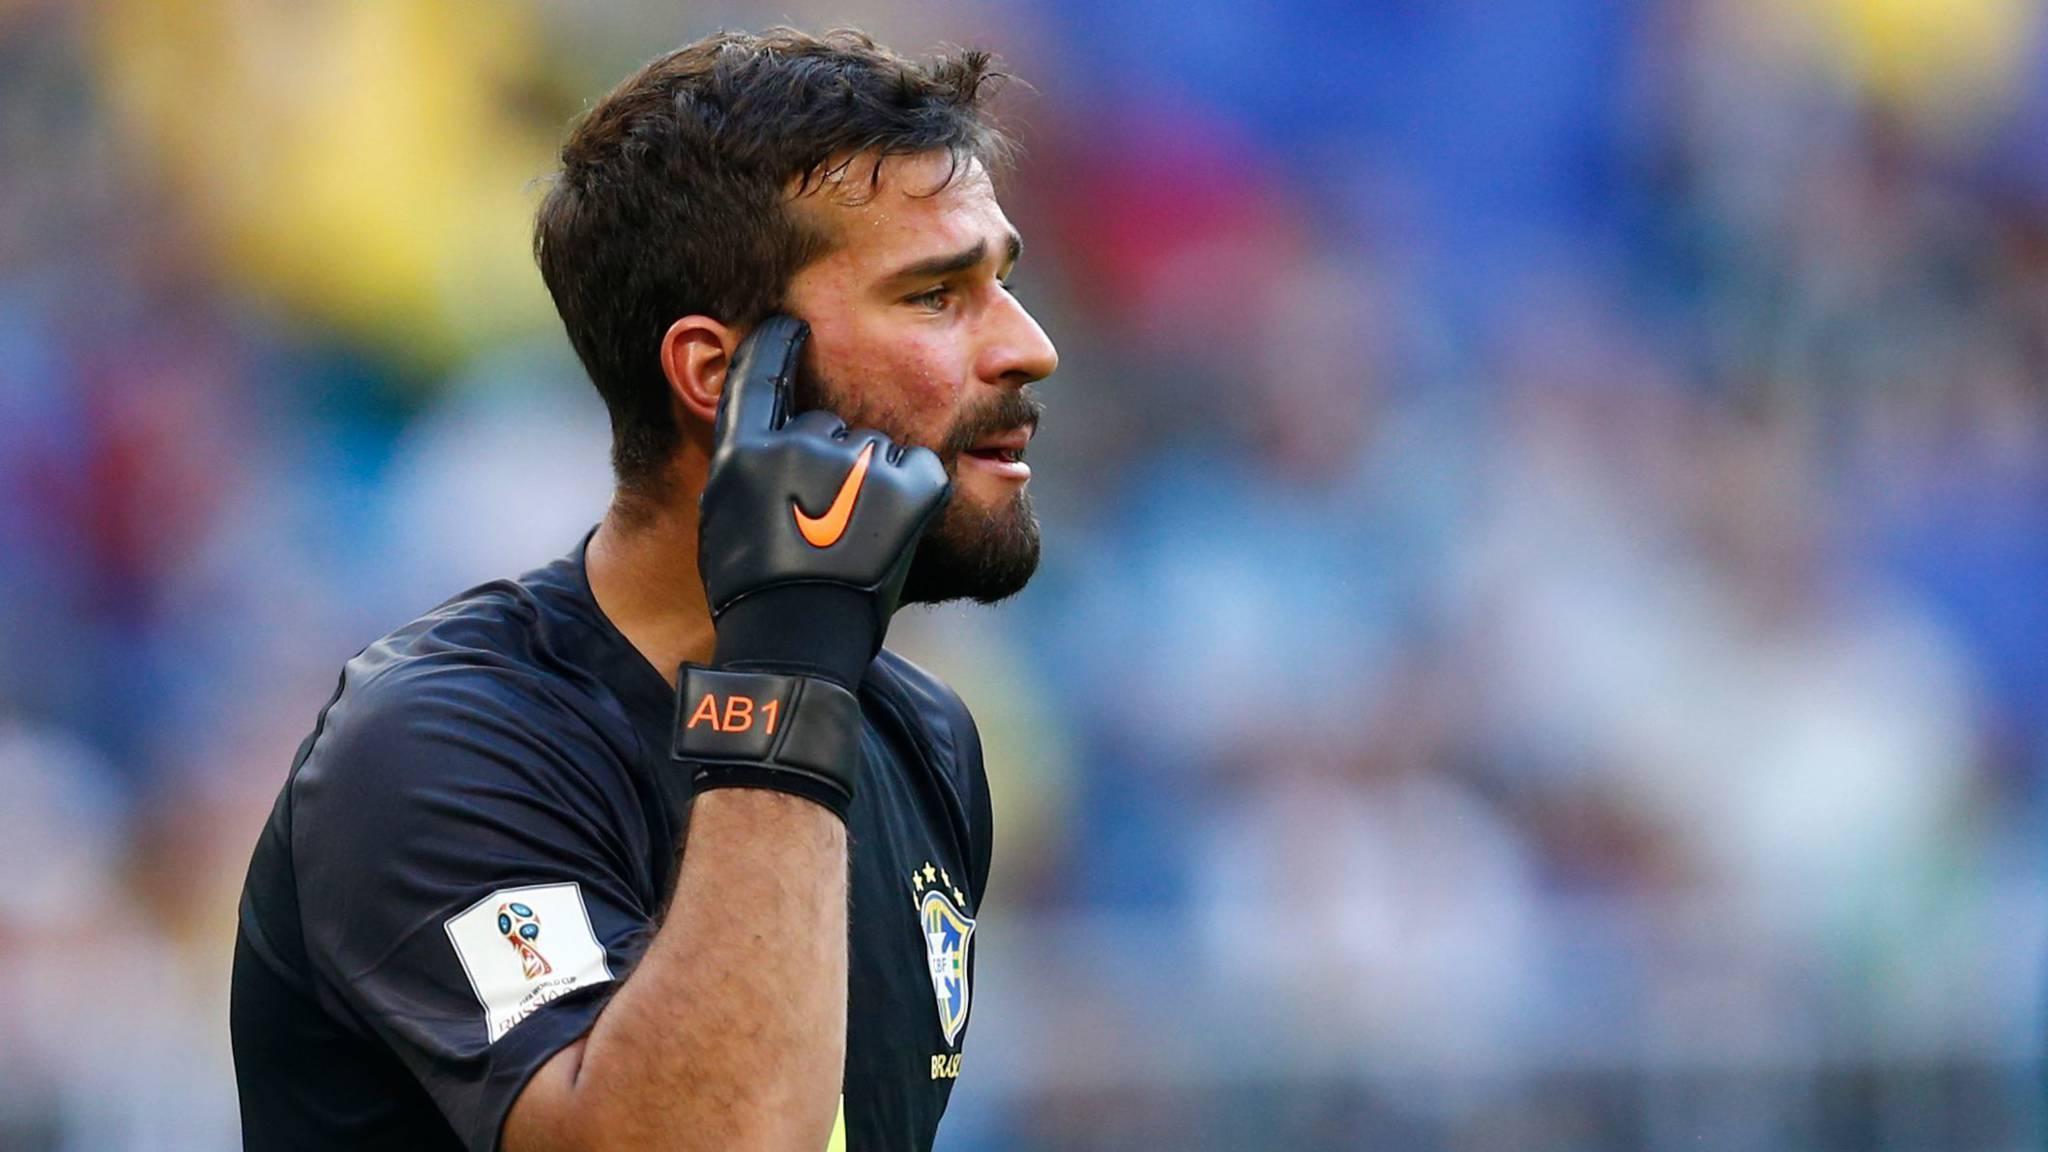 Kleurplaten Voetbal Juventus.Liverpool Maakt Alisson Duurste Doelman Ter Wereld Nos